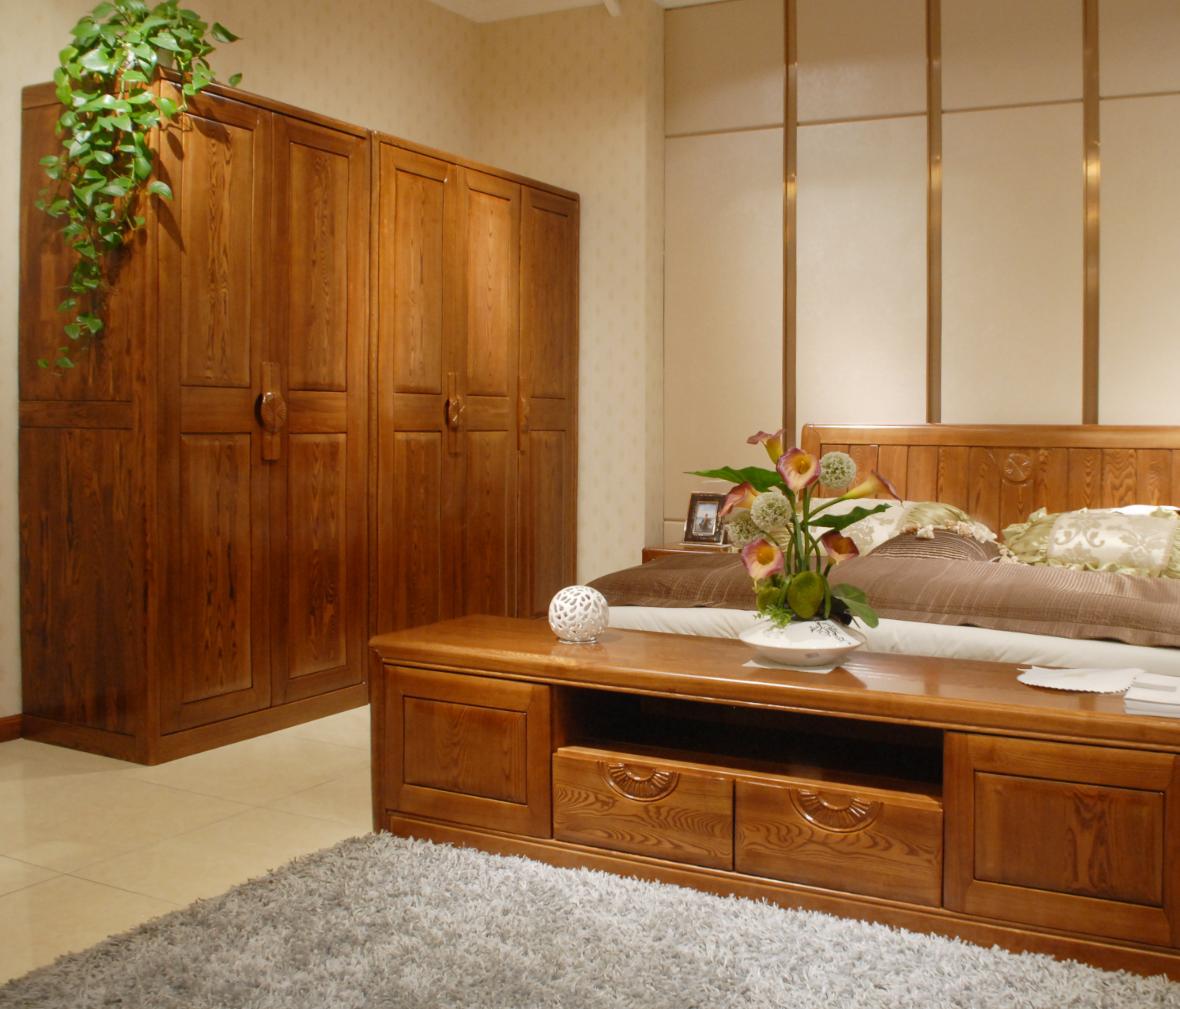 光明家具 東方金鼎系列 二門衣柜G398-2111-99 實木家具